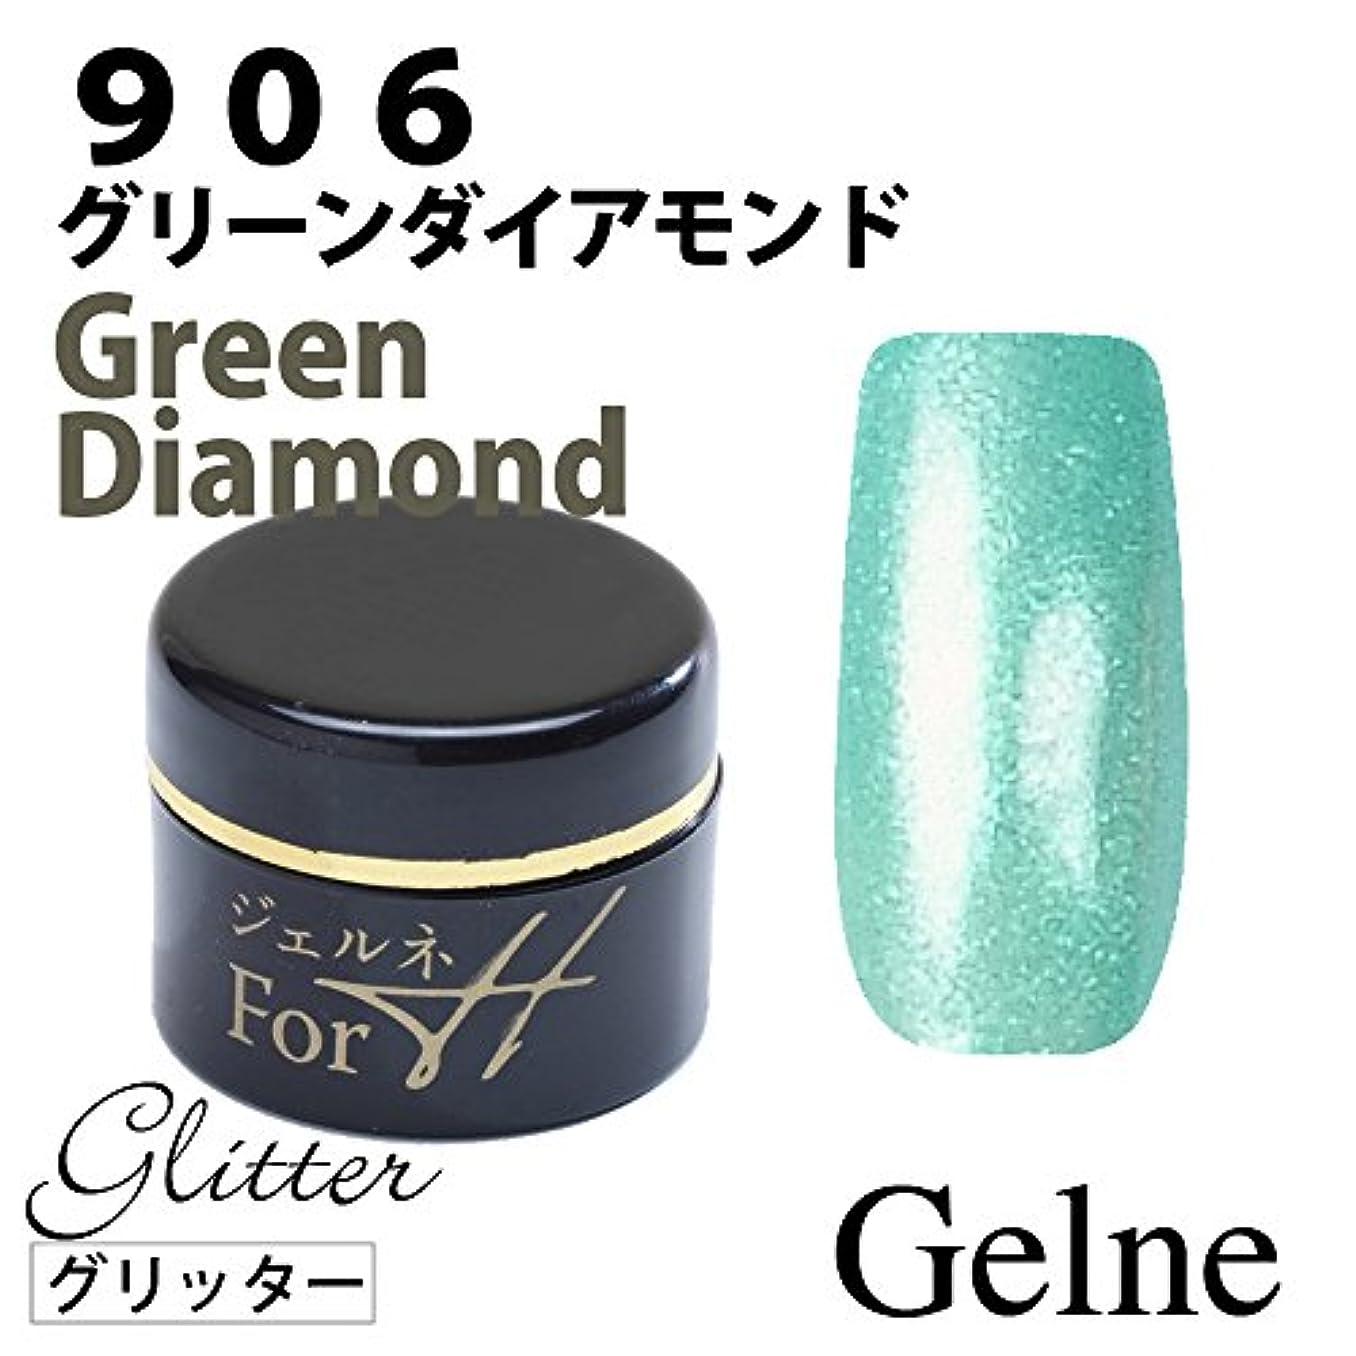 球状サージ増強するGelneオリジナル グリーンダイヤモンド カラージェル 5g LED/UV対応